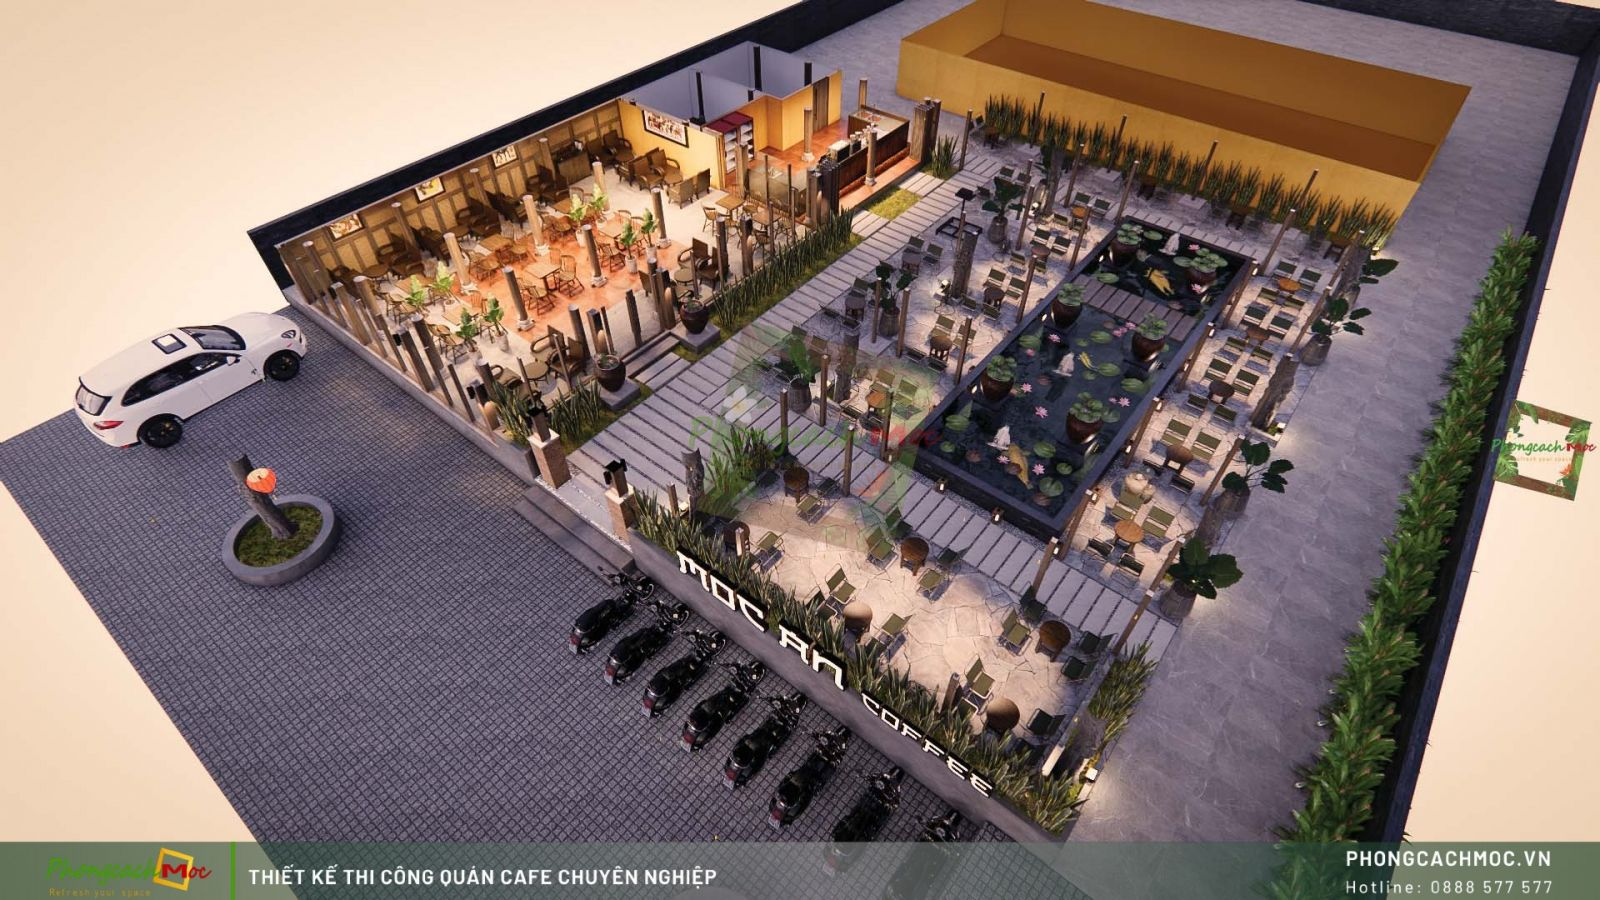 Thiết kế layout 3D Mộc An Coffee - Tây Ninh